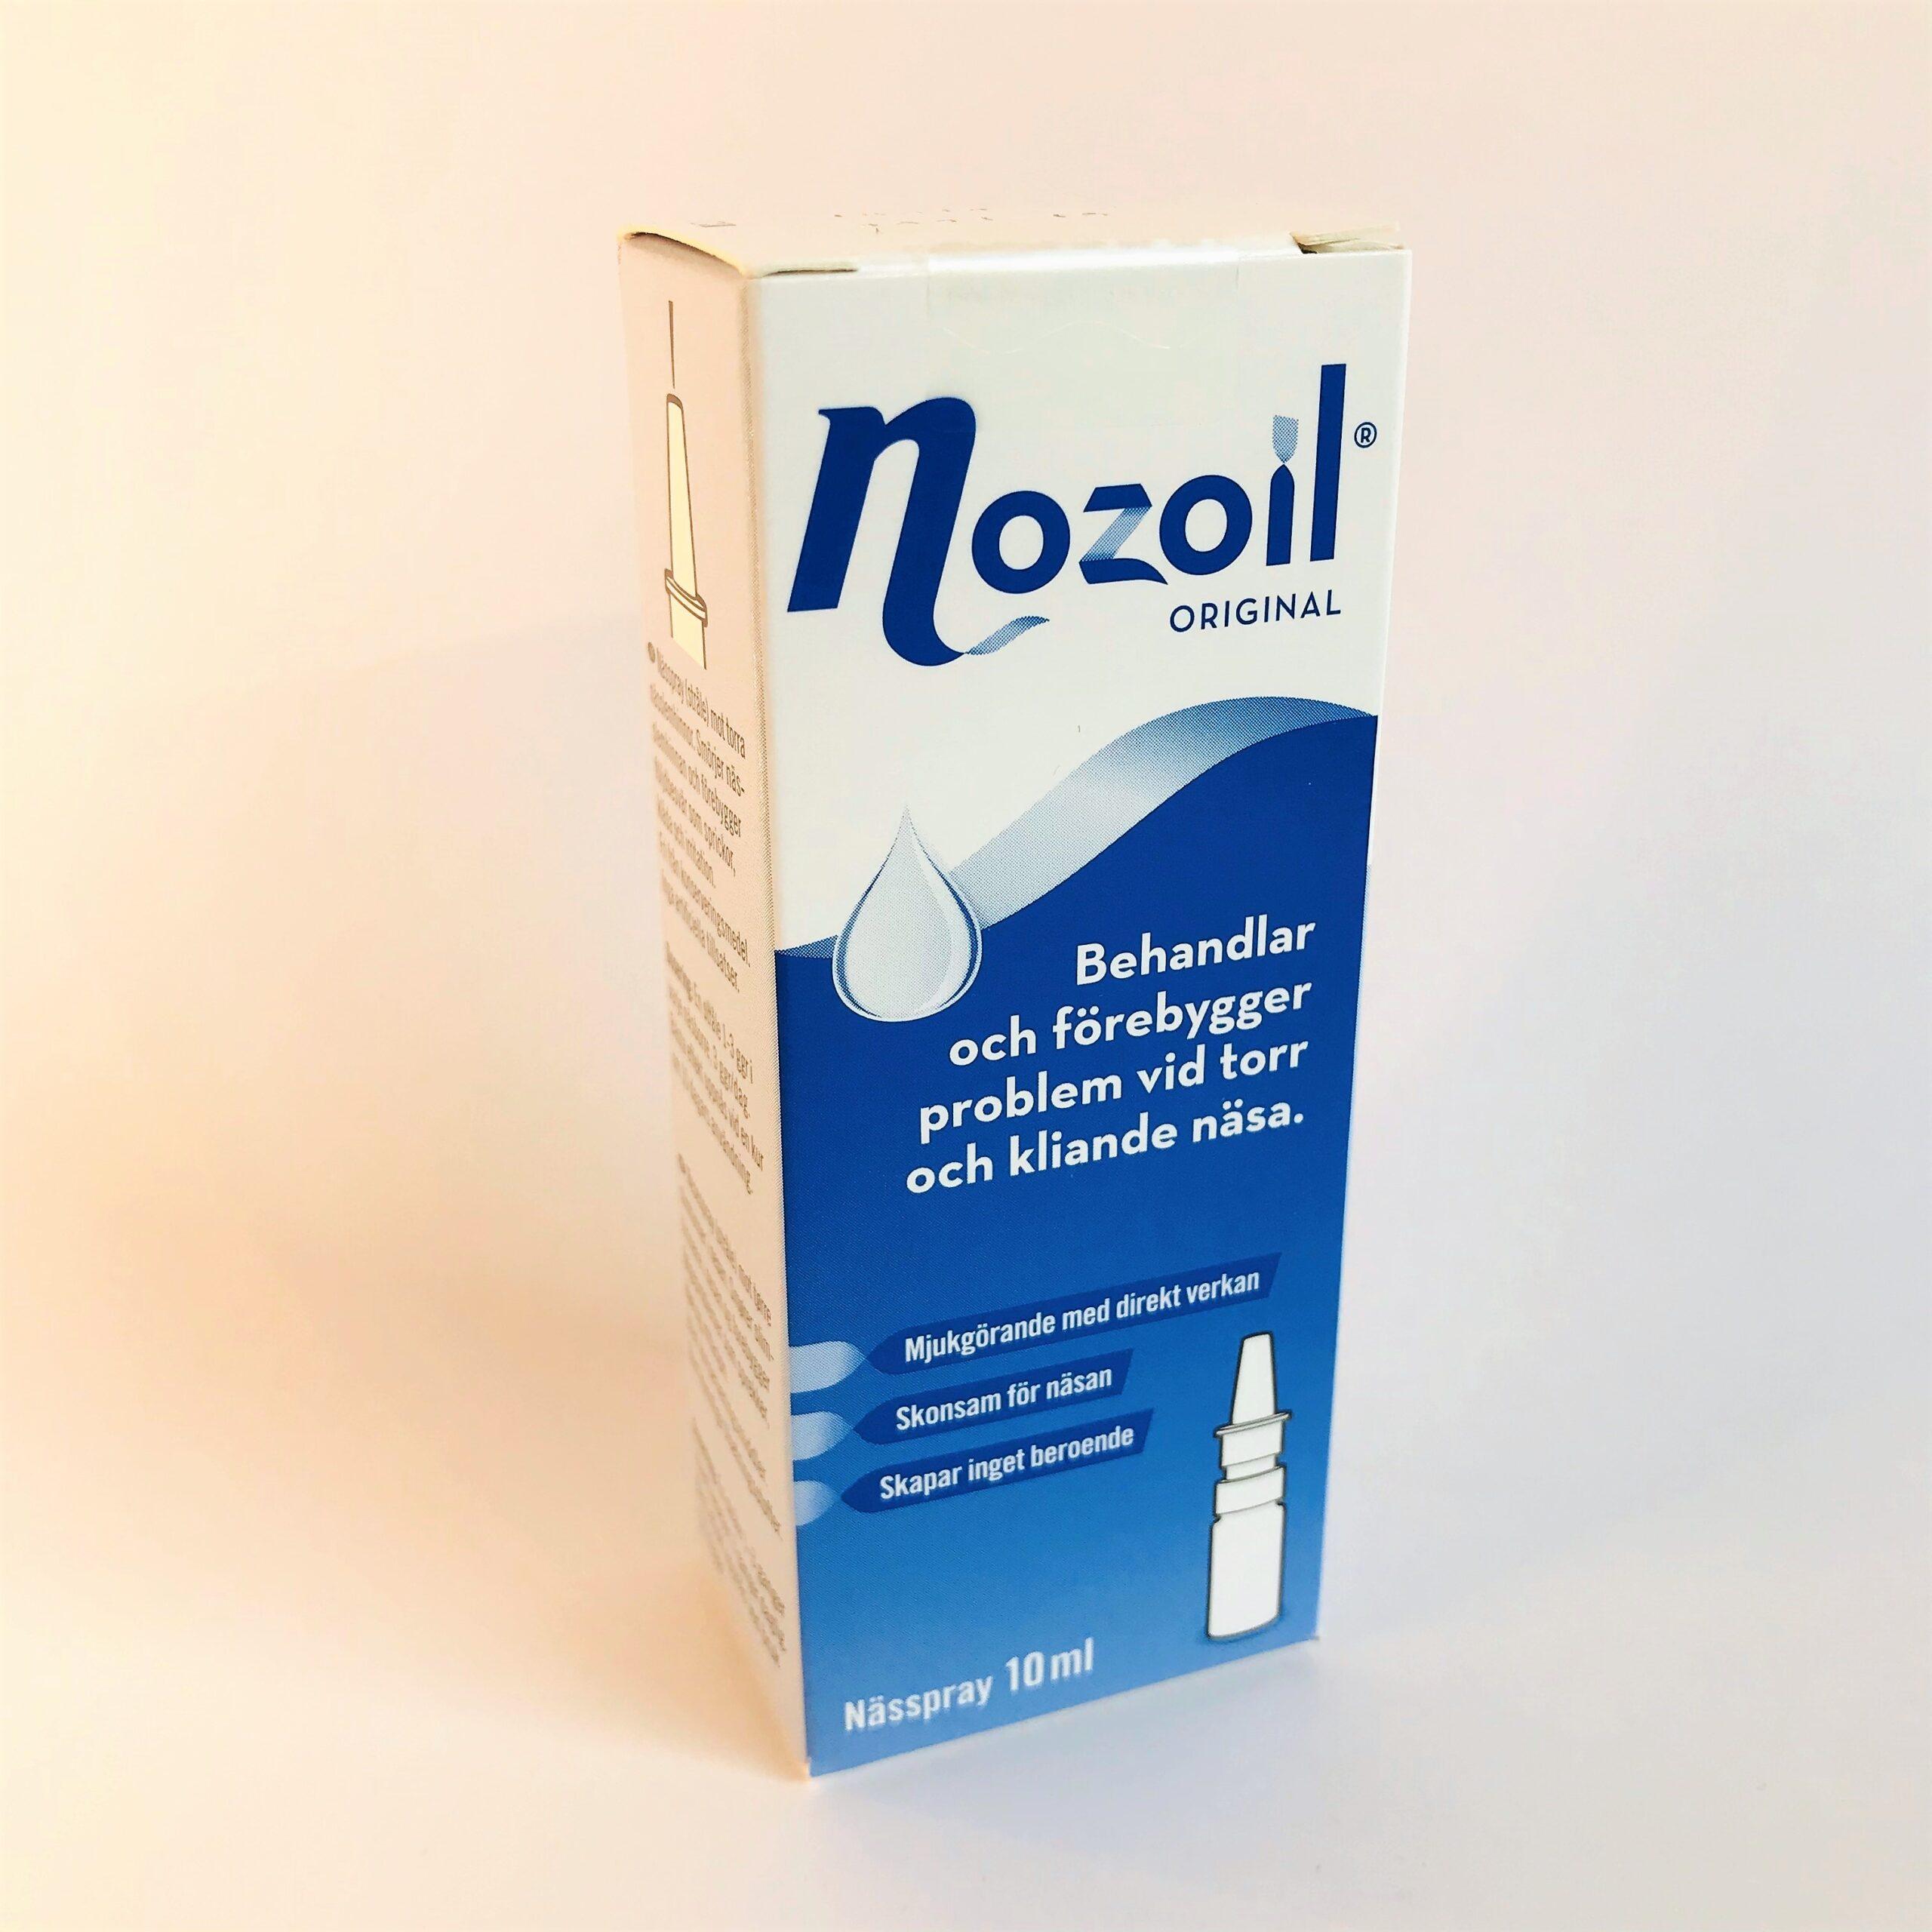 sår i näsan av nässpray